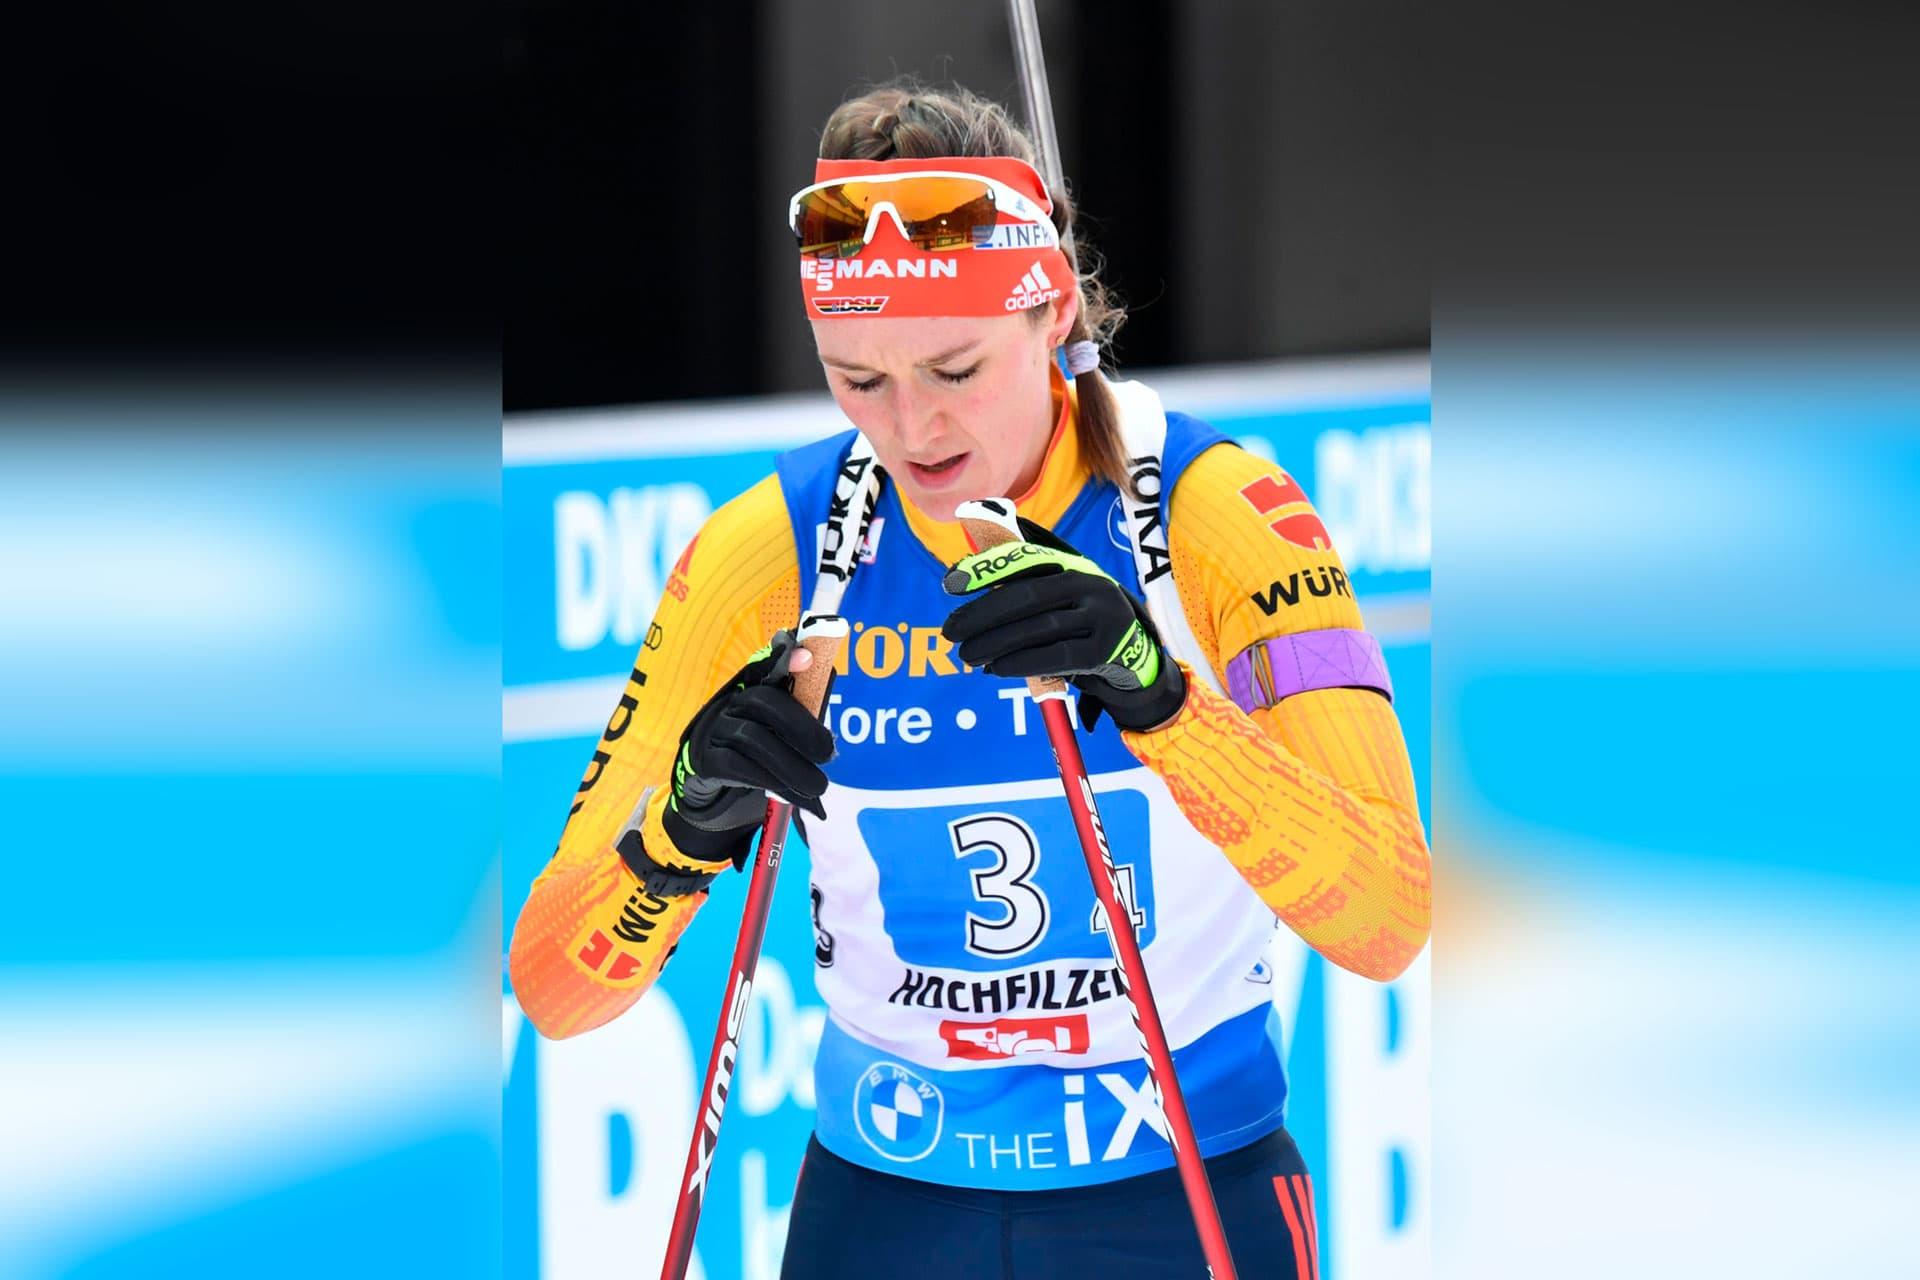 Frauen-Staffel beim Biathlon-Weltcup in Hochfilzen Vierte Norwegen siegt